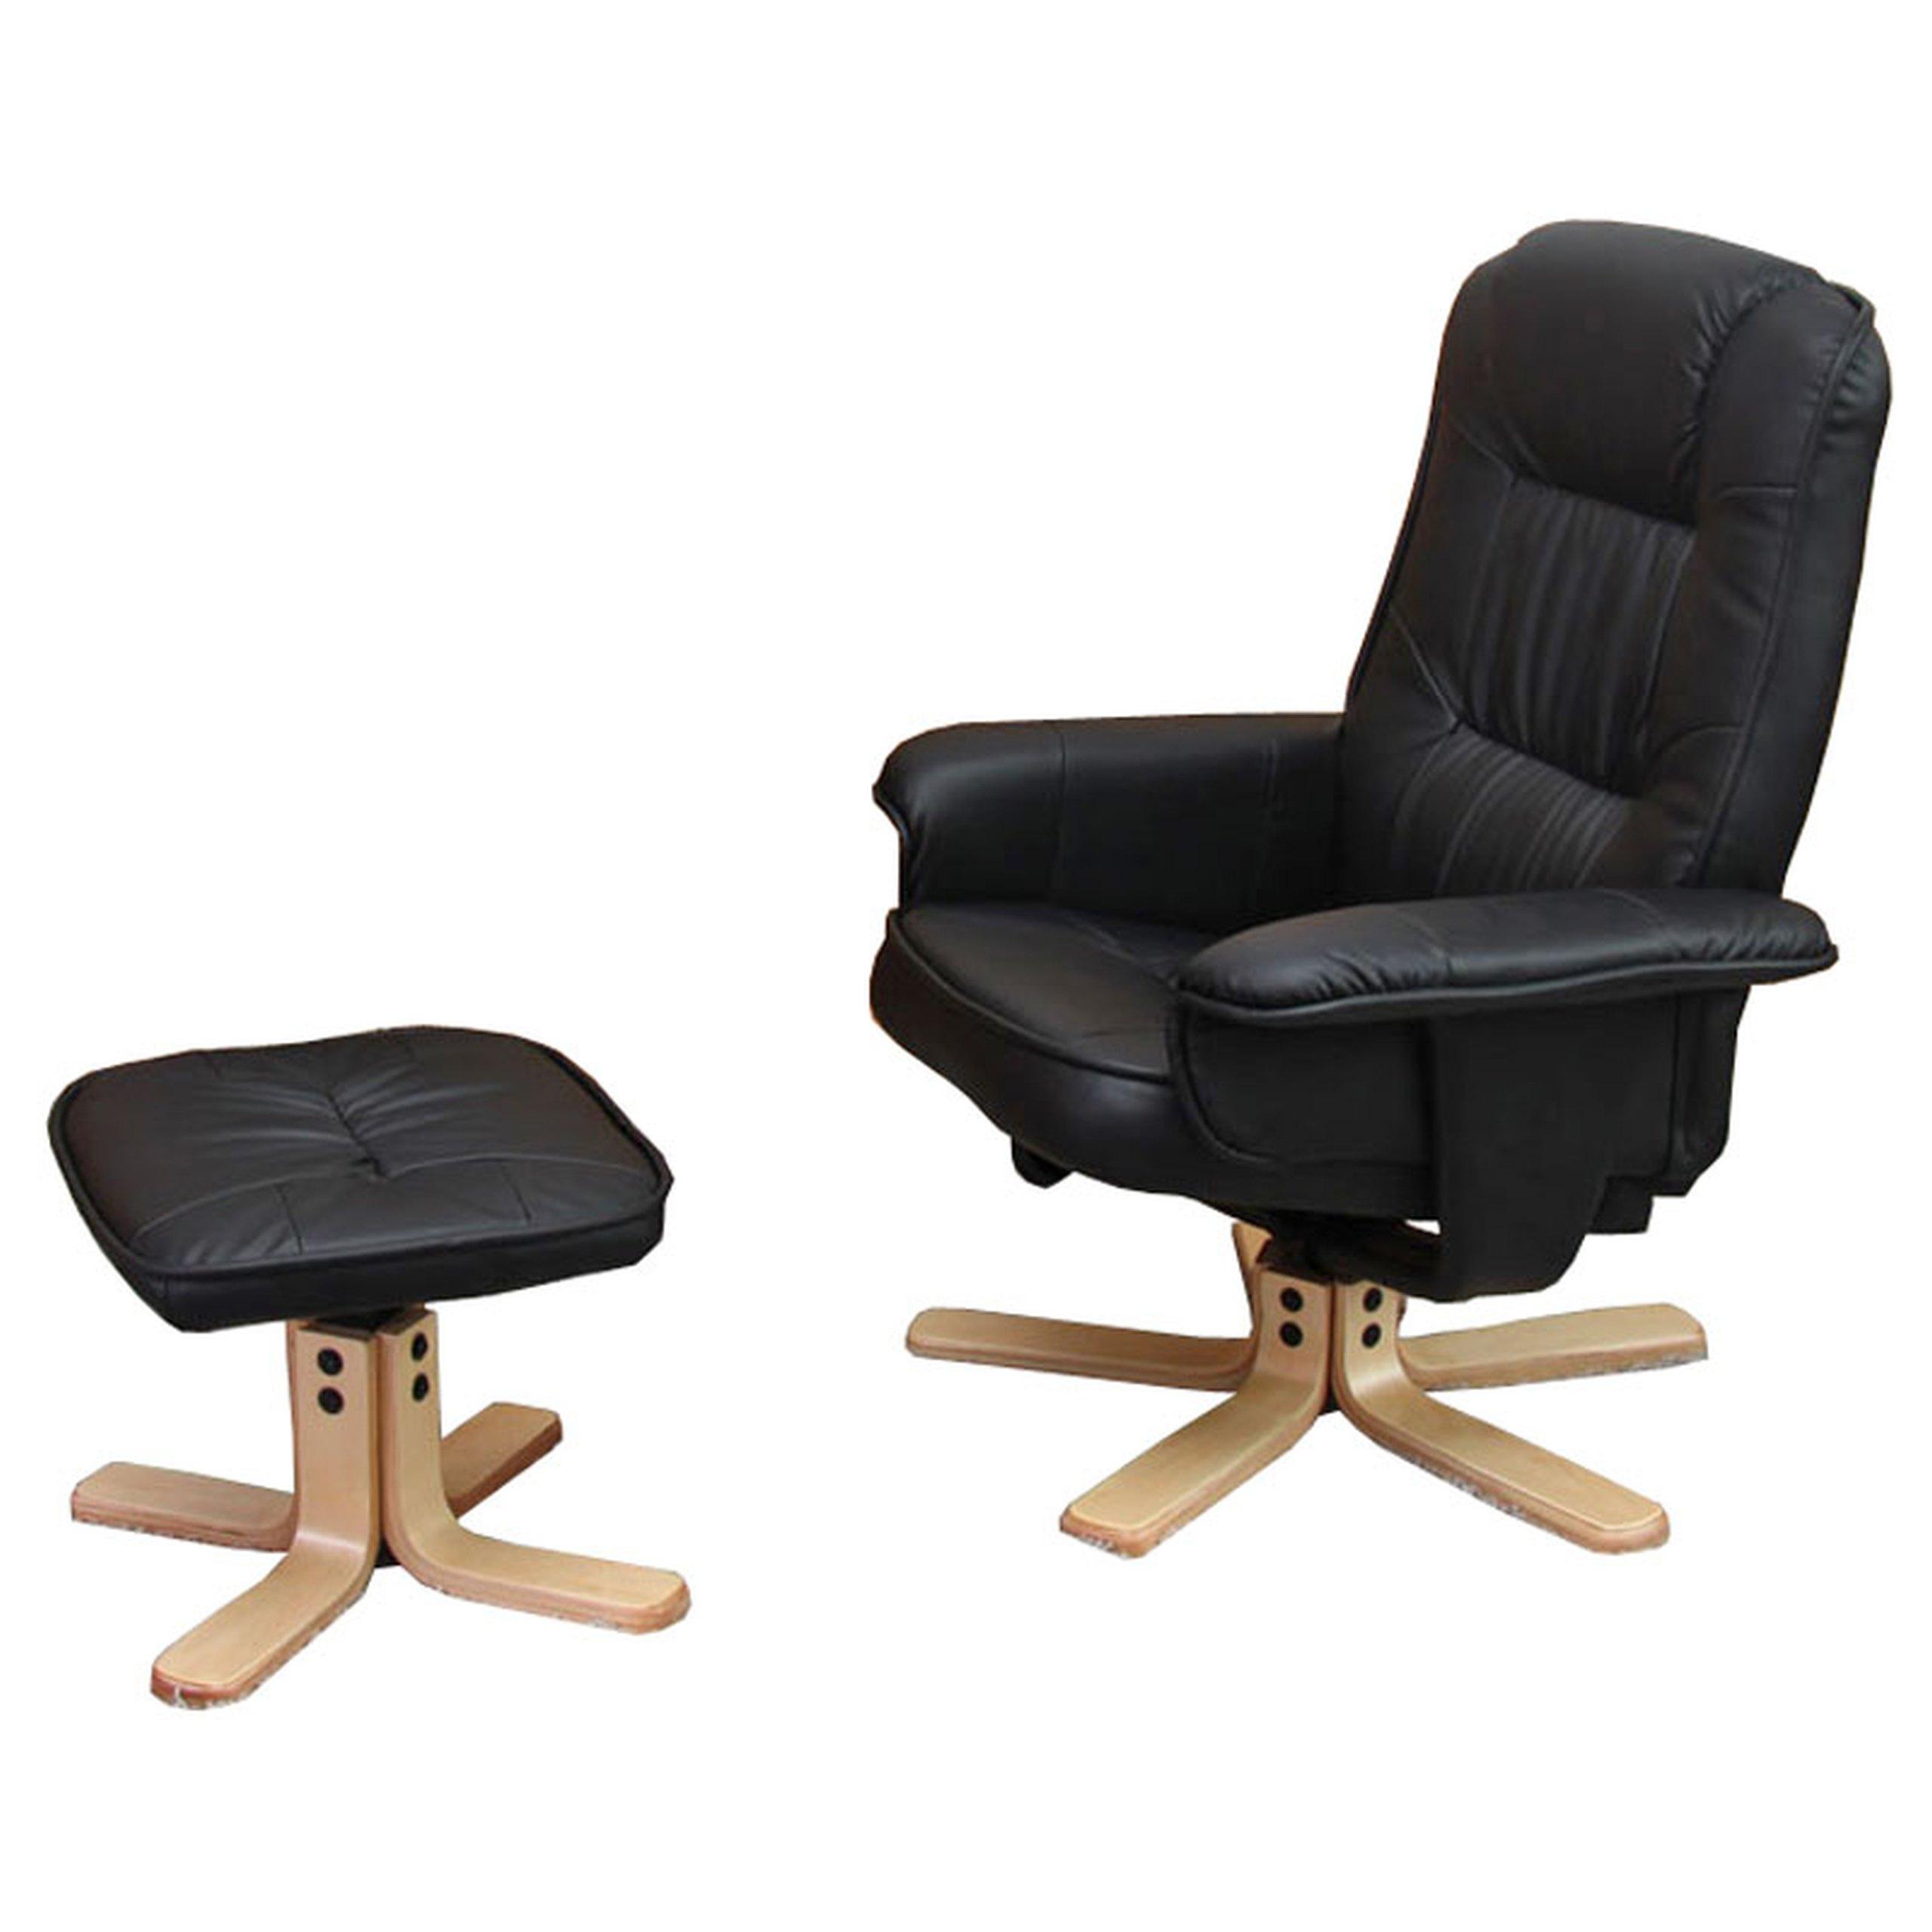 relaxsessel m56 fernsehsessel sessel optional mit ohne hocker kunstleder ebay. Black Bedroom Furniture Sets. Home Design Ideas